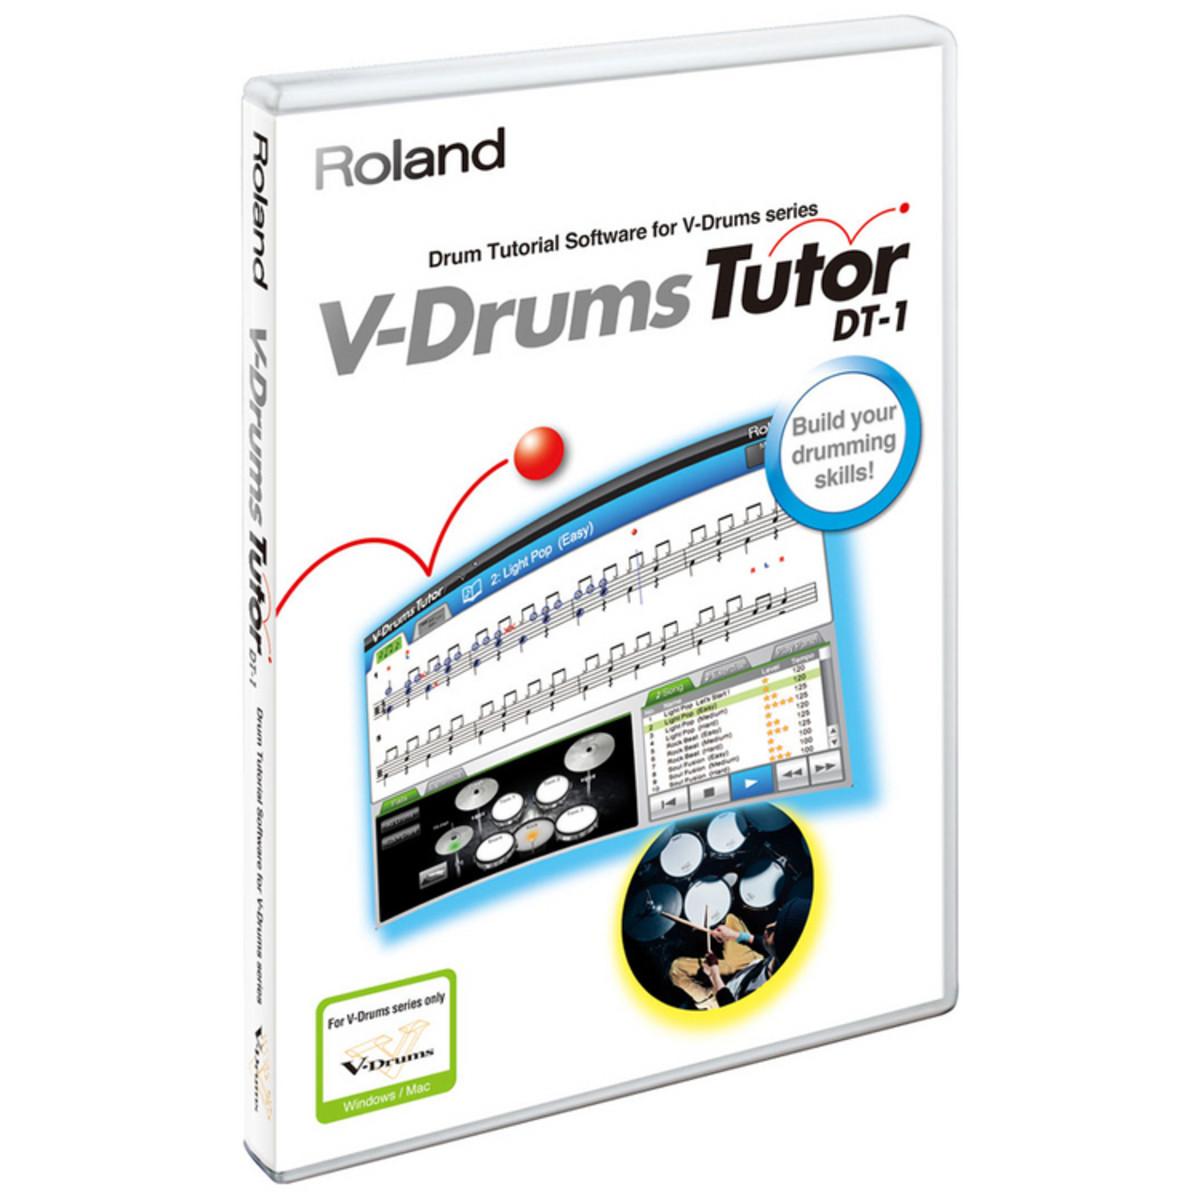 roland dt 1 v drums tutor software download